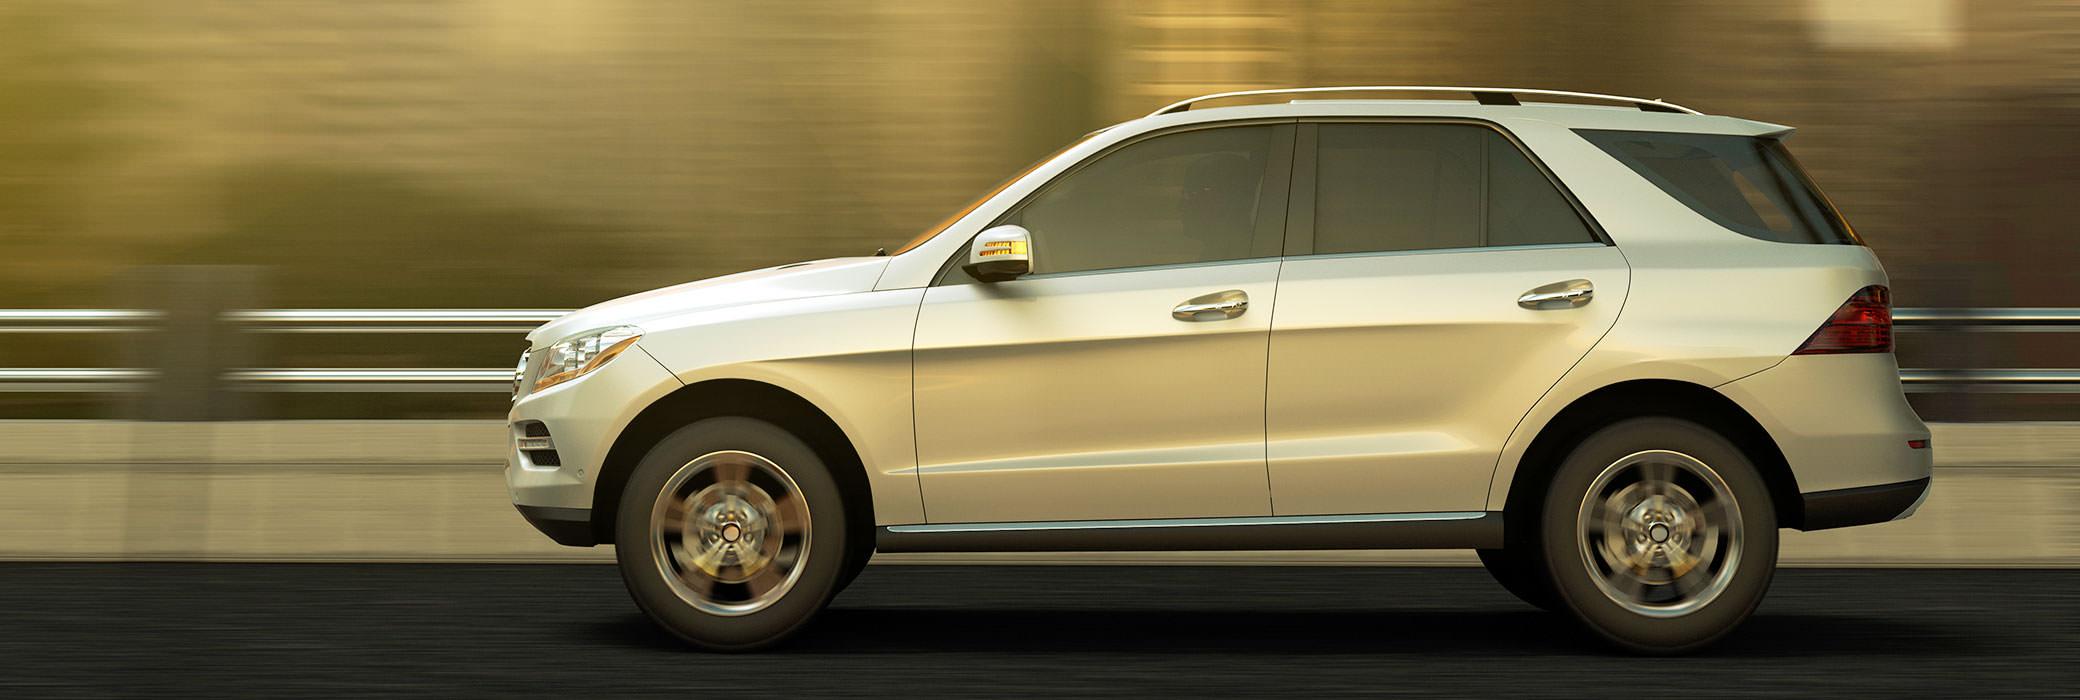 Sivunäkymä hopeanvärisestä, keskikokoisesta autosta ajamassa tiellä